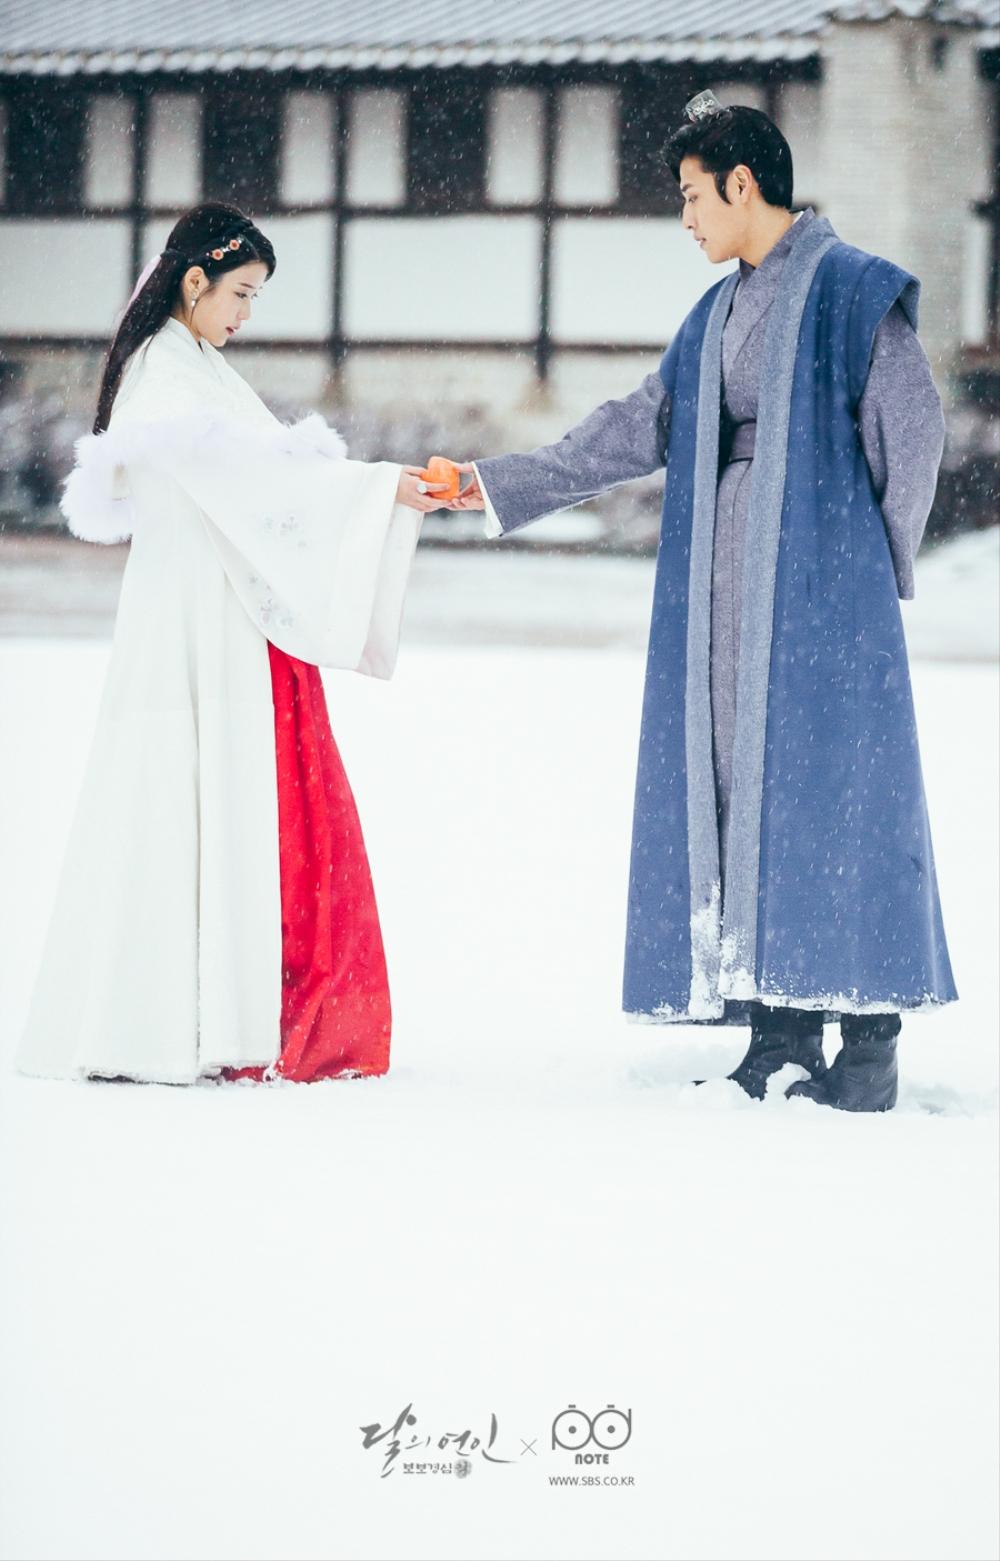 달의 연인 포토스케치_눈 위에서 서로 손을 잡음 겨울 동화 찍고 있는 왕욱과 해수